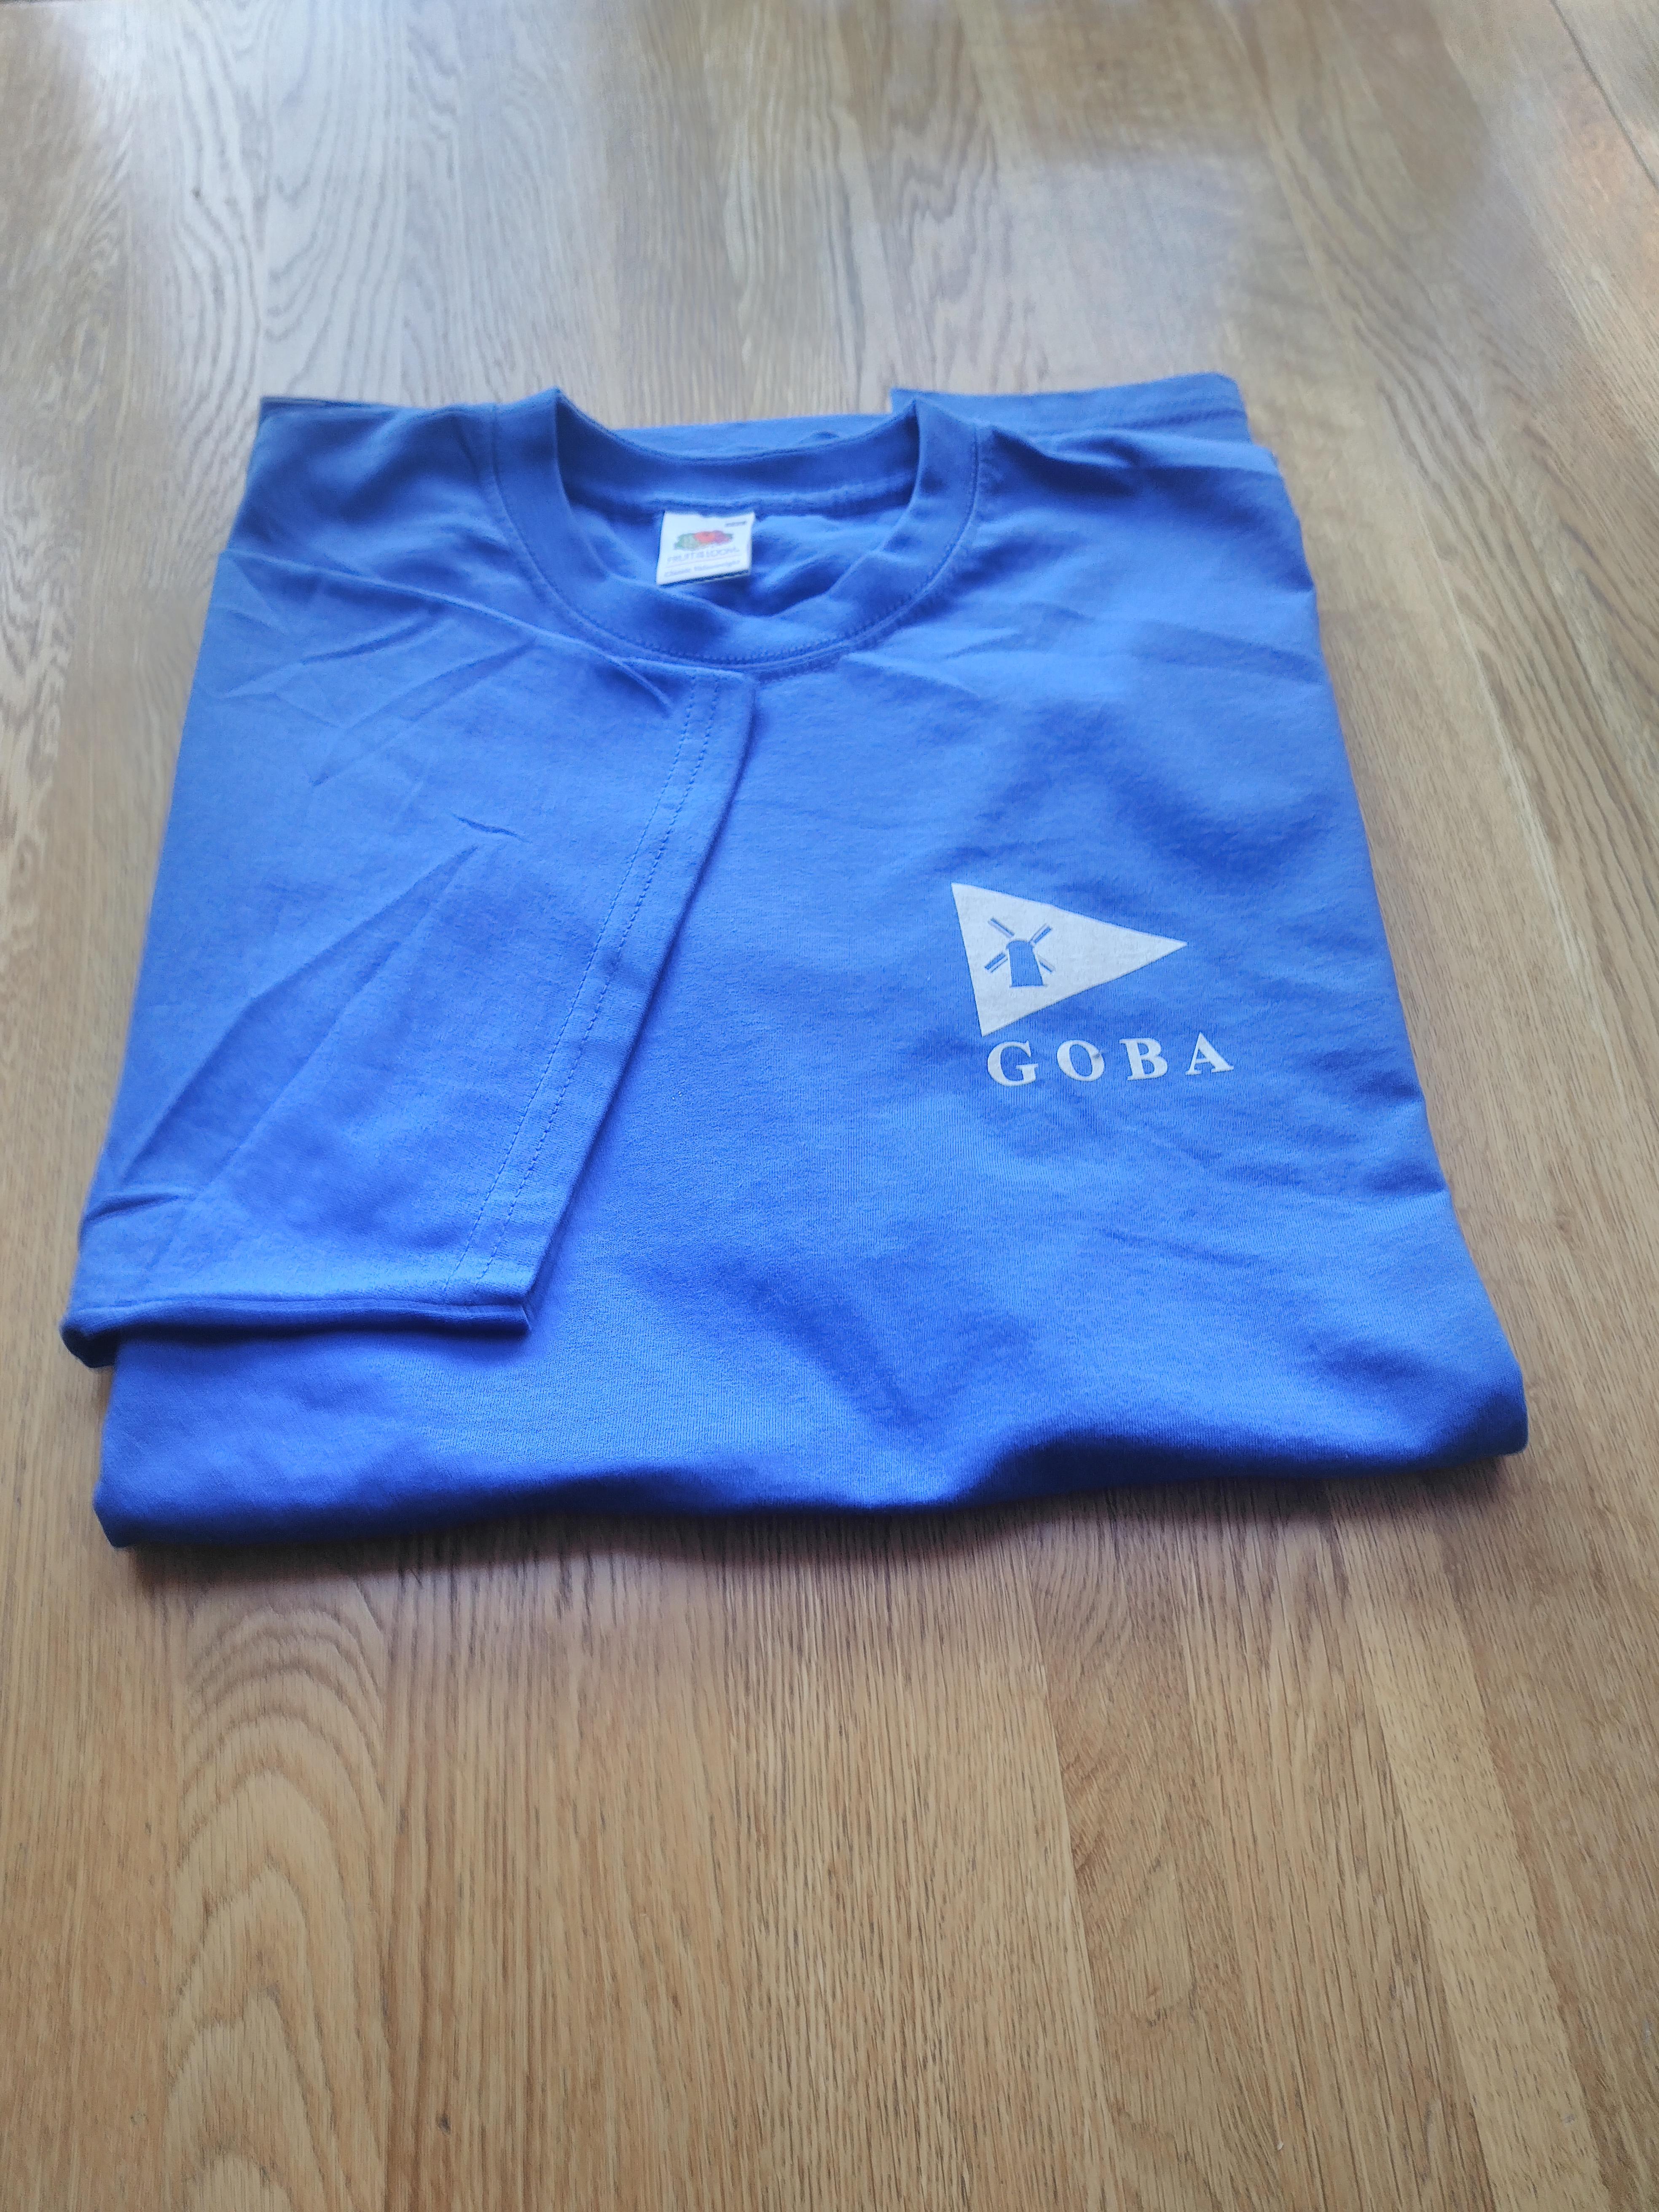 GOBA T-shirt